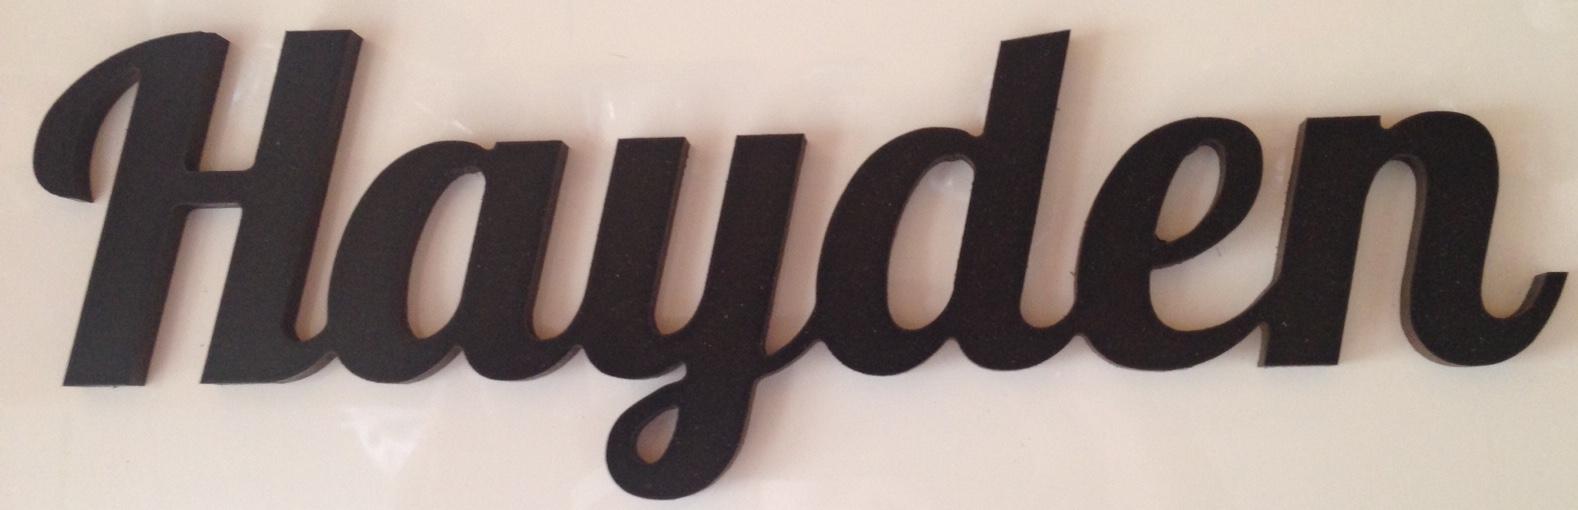 font-example-hayden.jpg